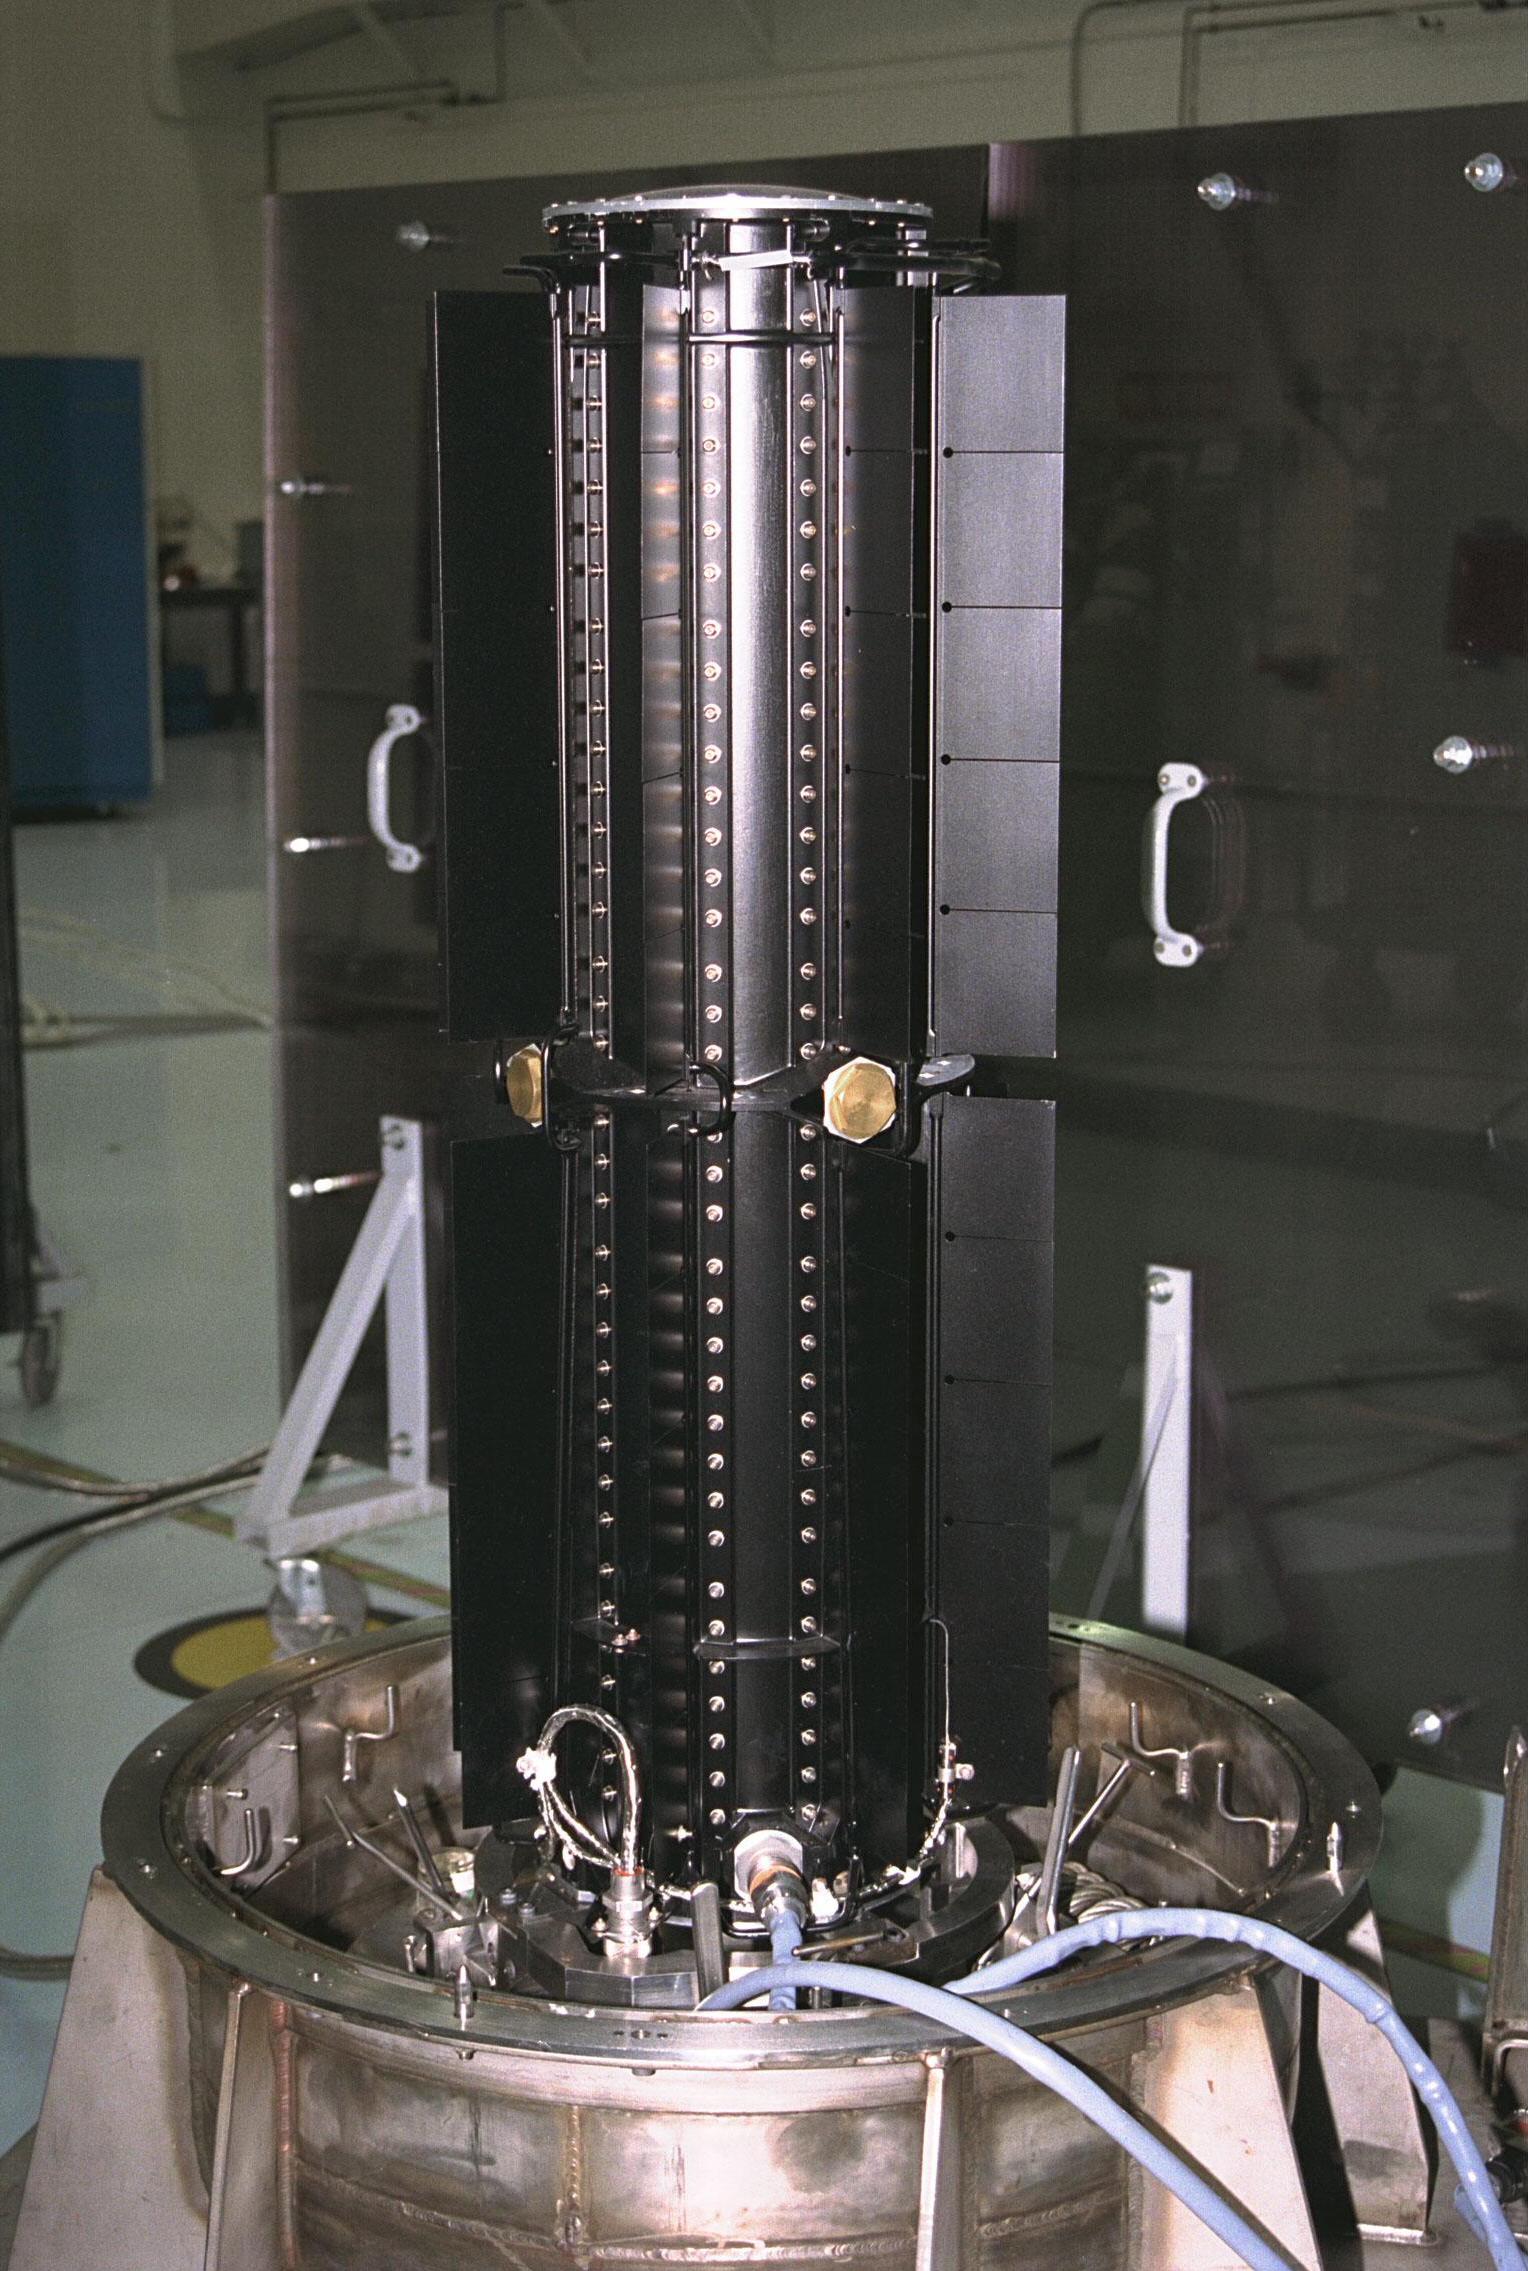 https://upload.wikimedia.org/wikipedia/commons/b/bd/Cassini%27s_RTG.jpg